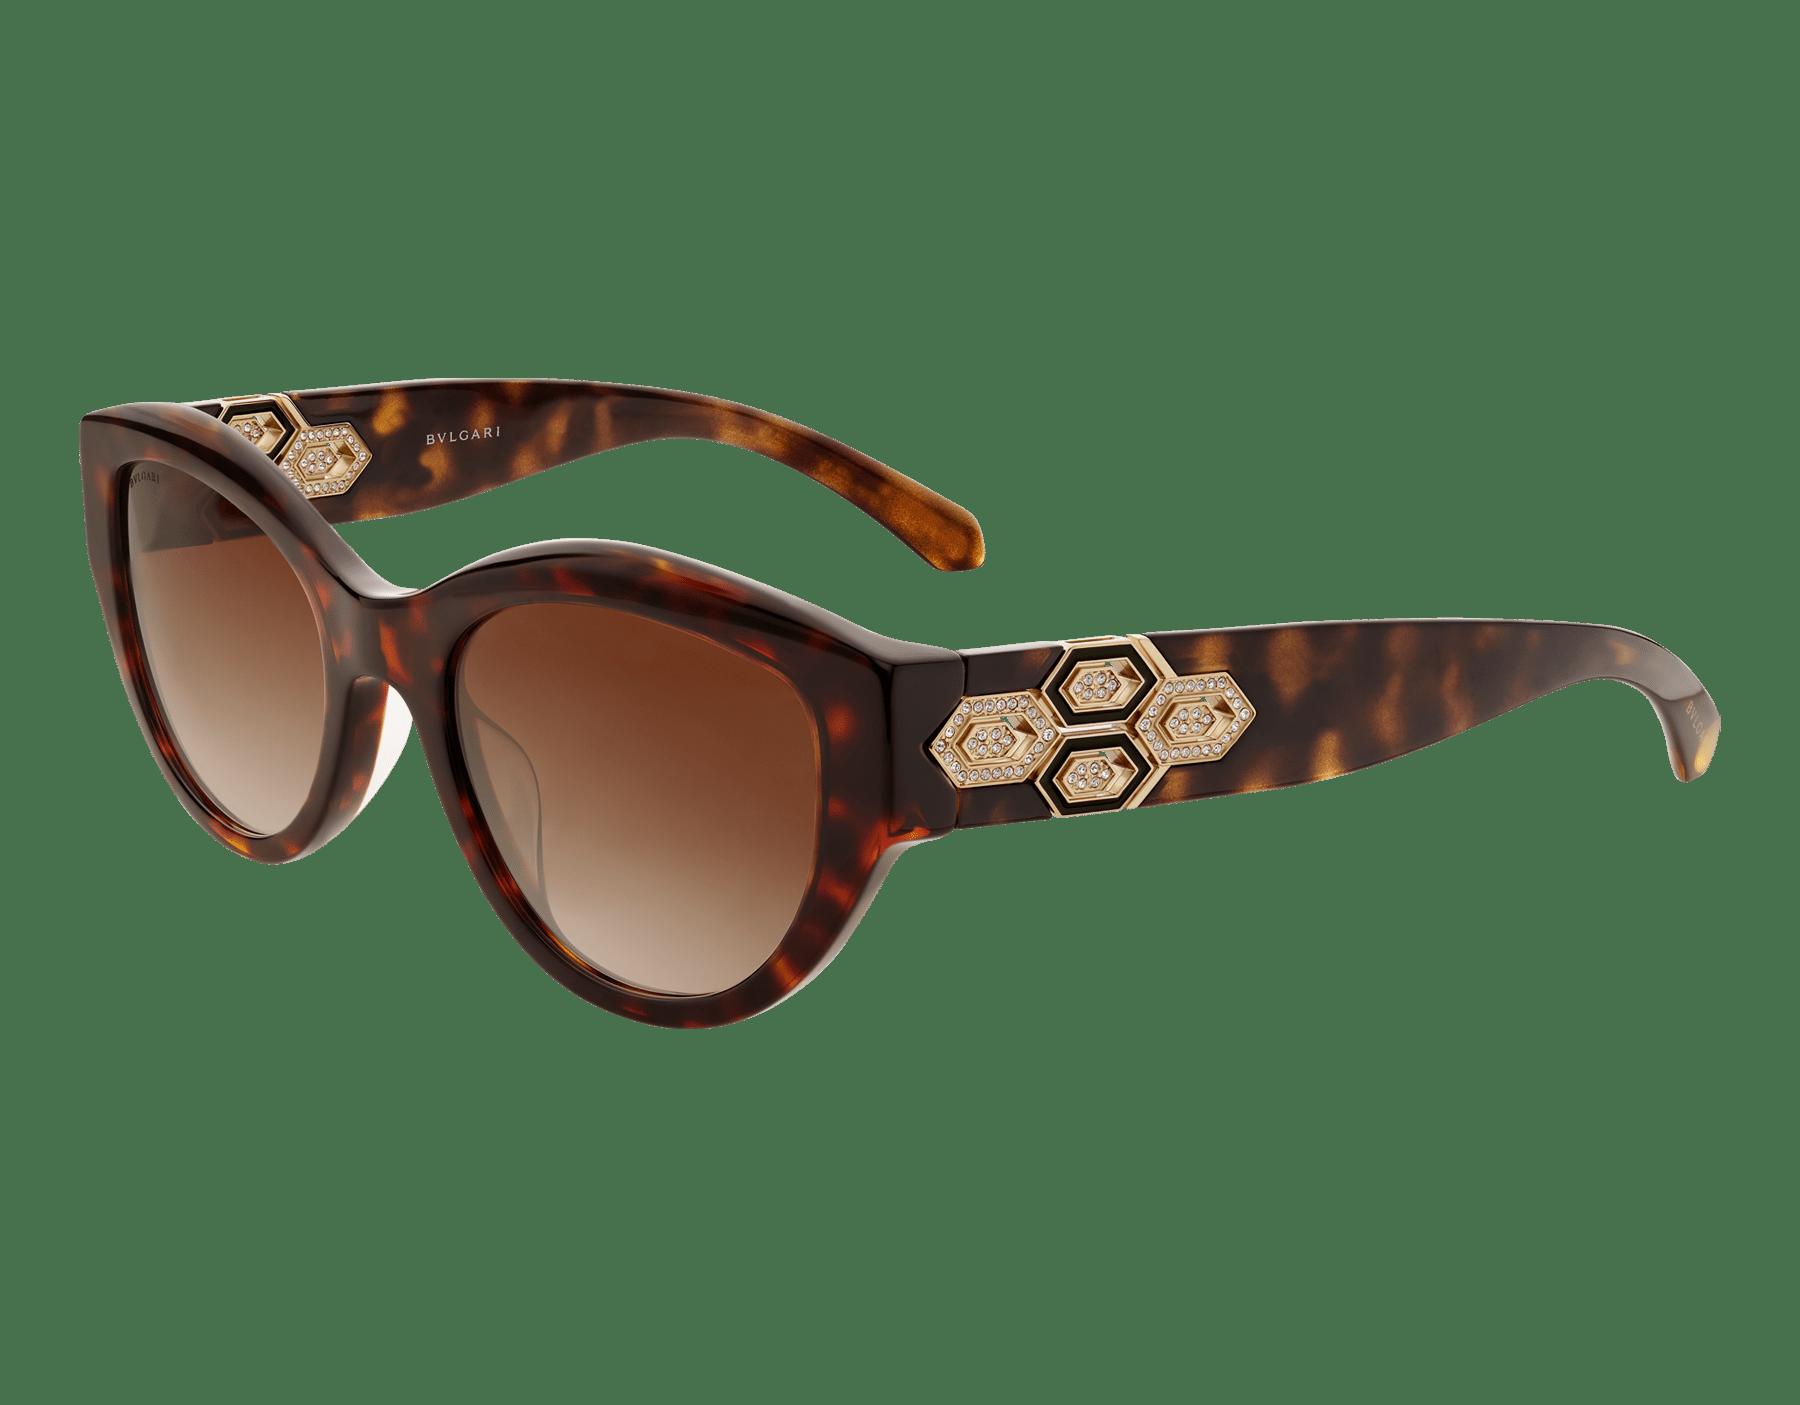 Serpenti brown 貓眼醋酸纖維太陽眼鏡,Serpenti 金屬元素飾以水晶。。 903846 image 1